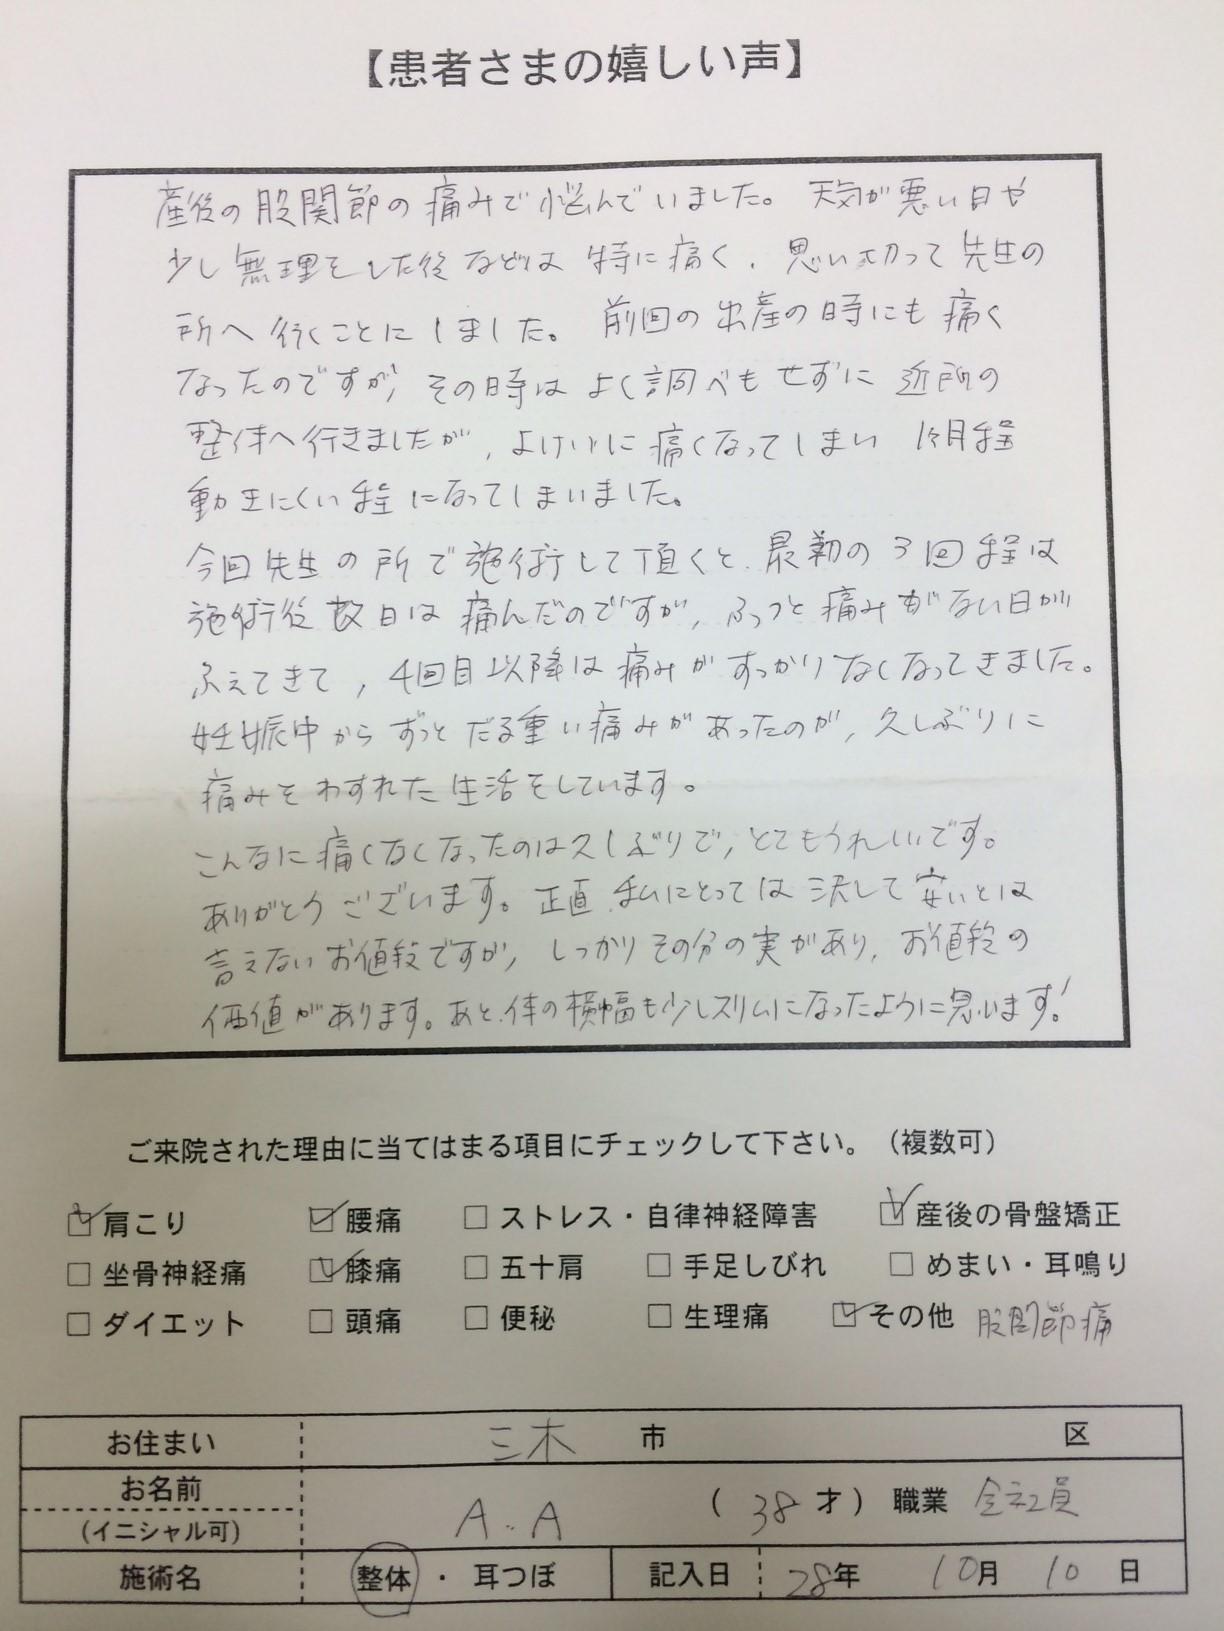 ②三木市 A.A様 38才 会社員.jpg